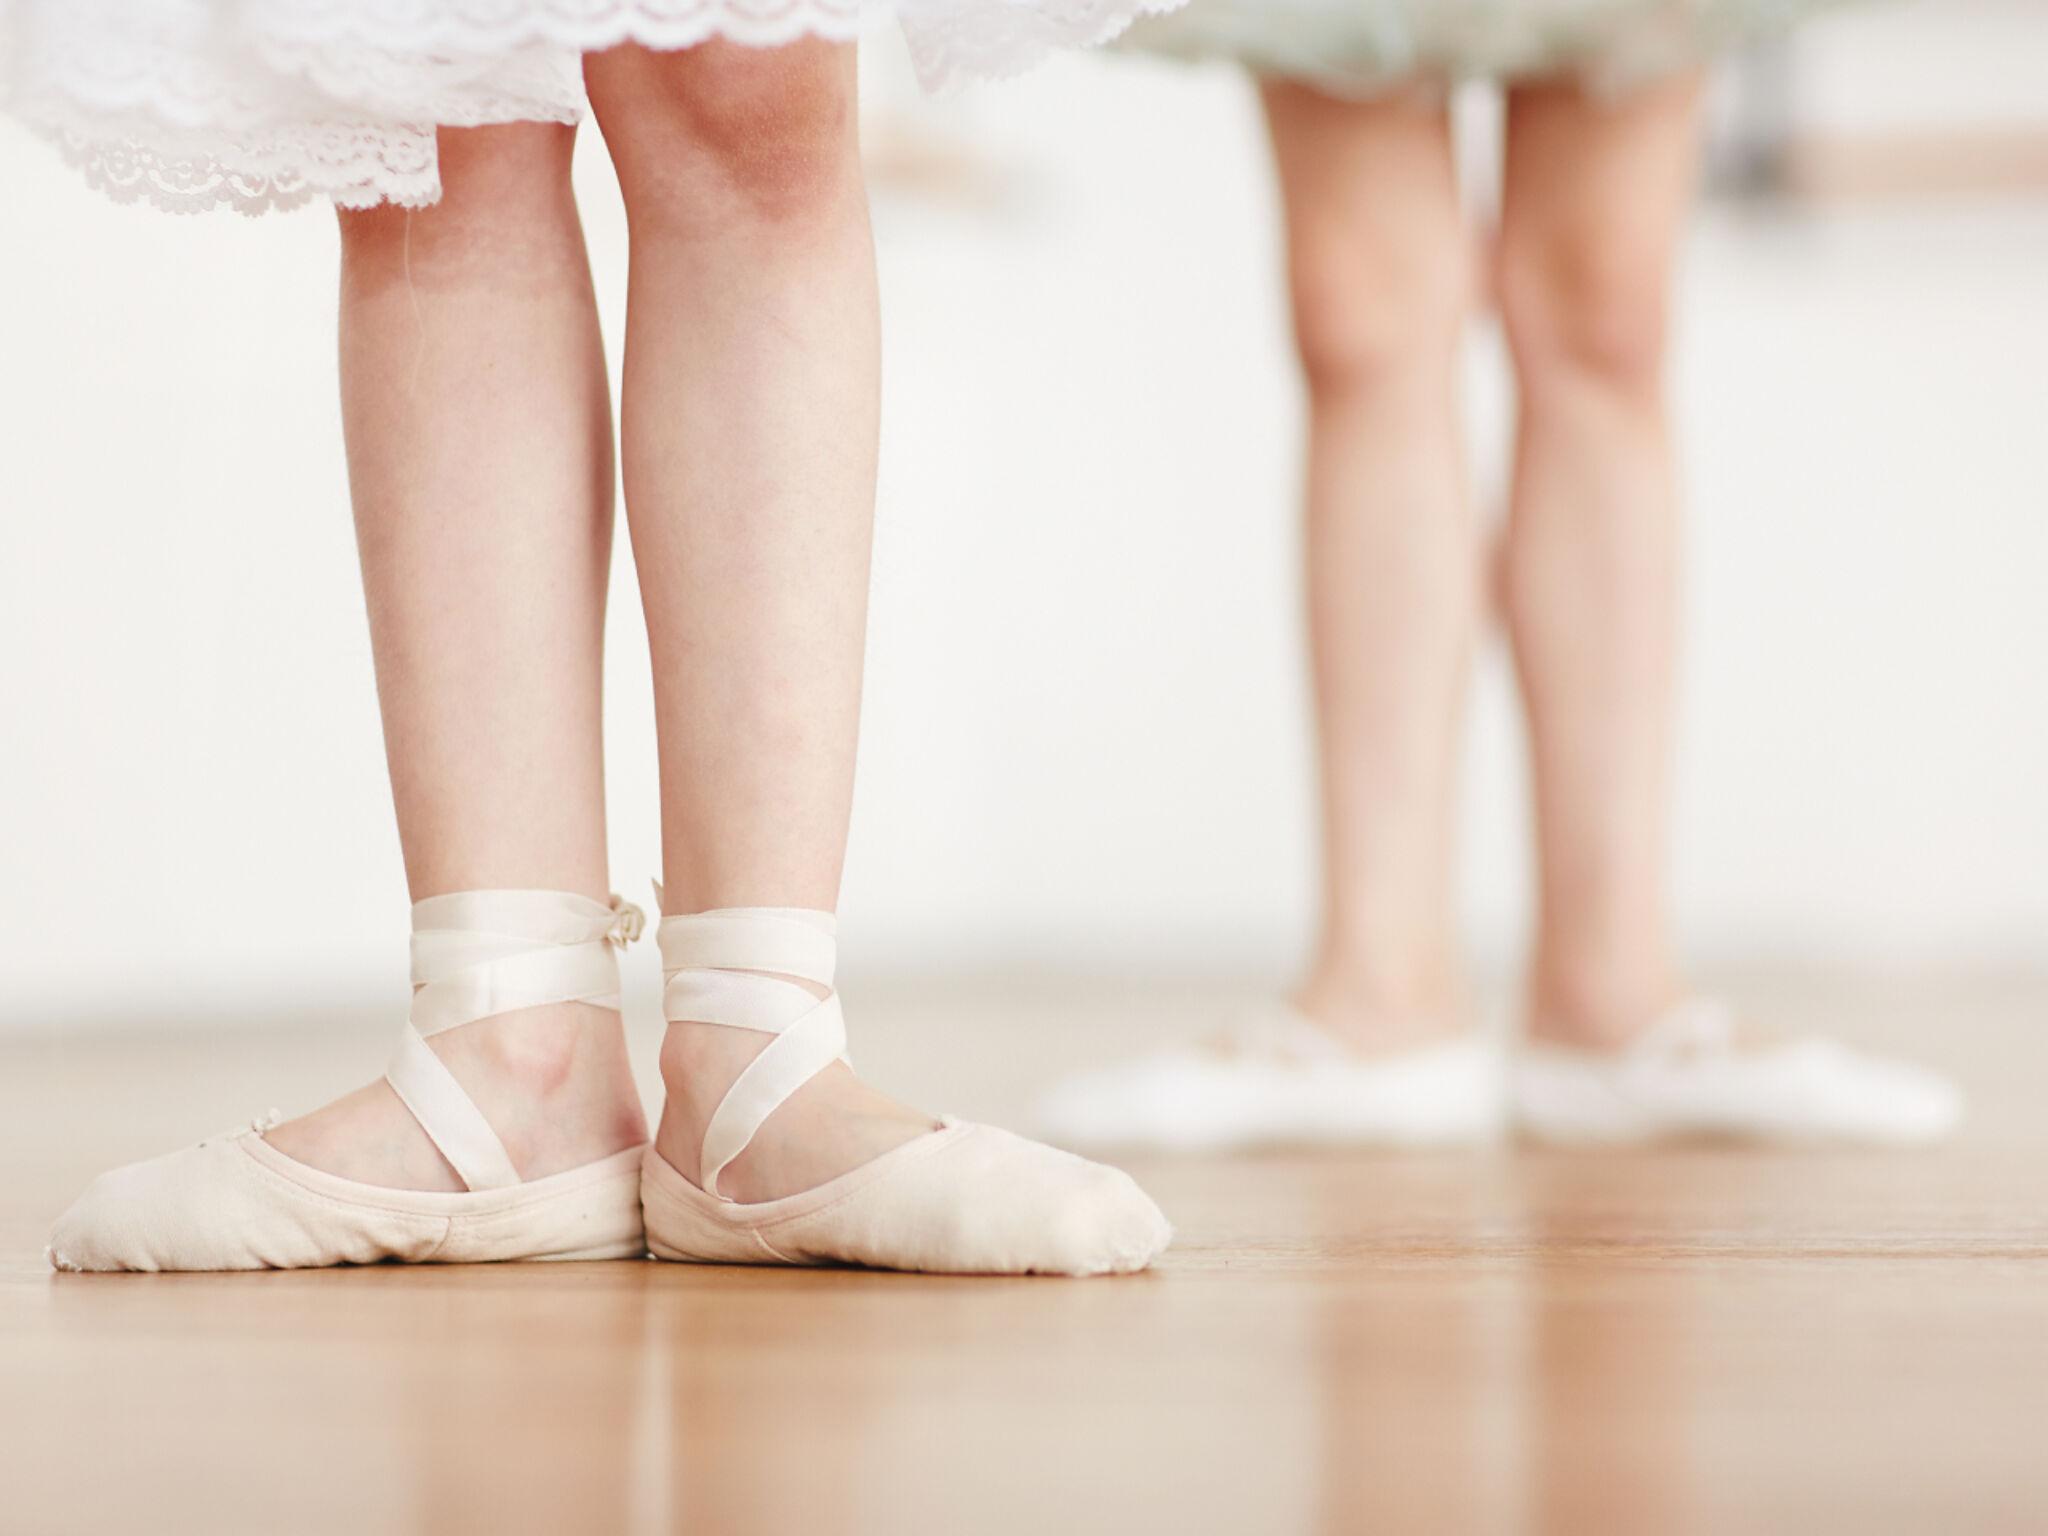 バレエの練習をしている子どもの画像